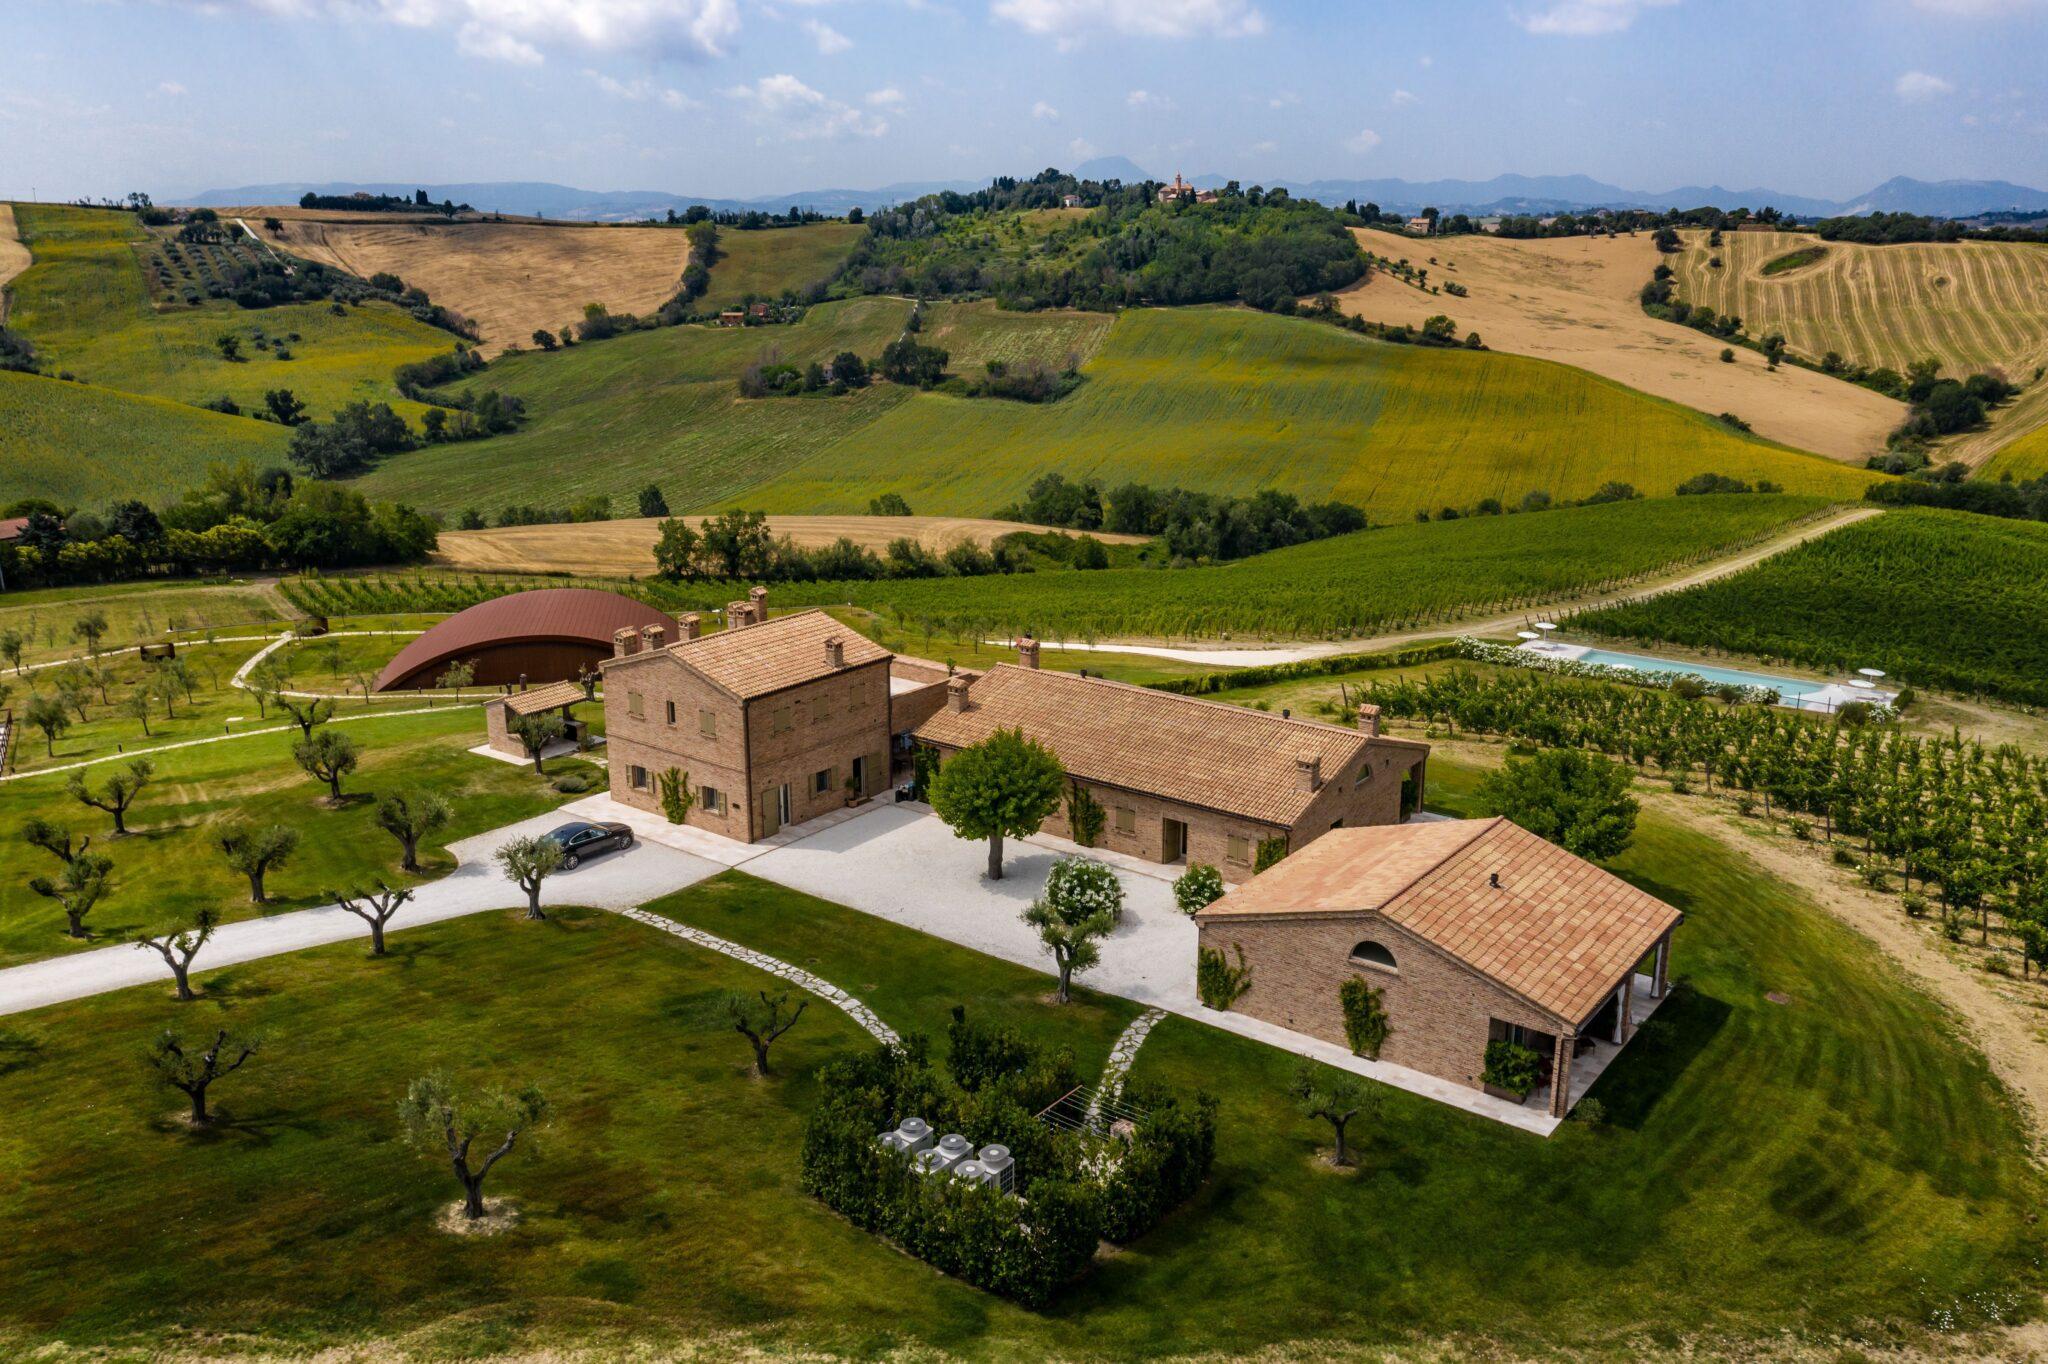 Nest Italy - Wine & Spa Retreat in the Marche